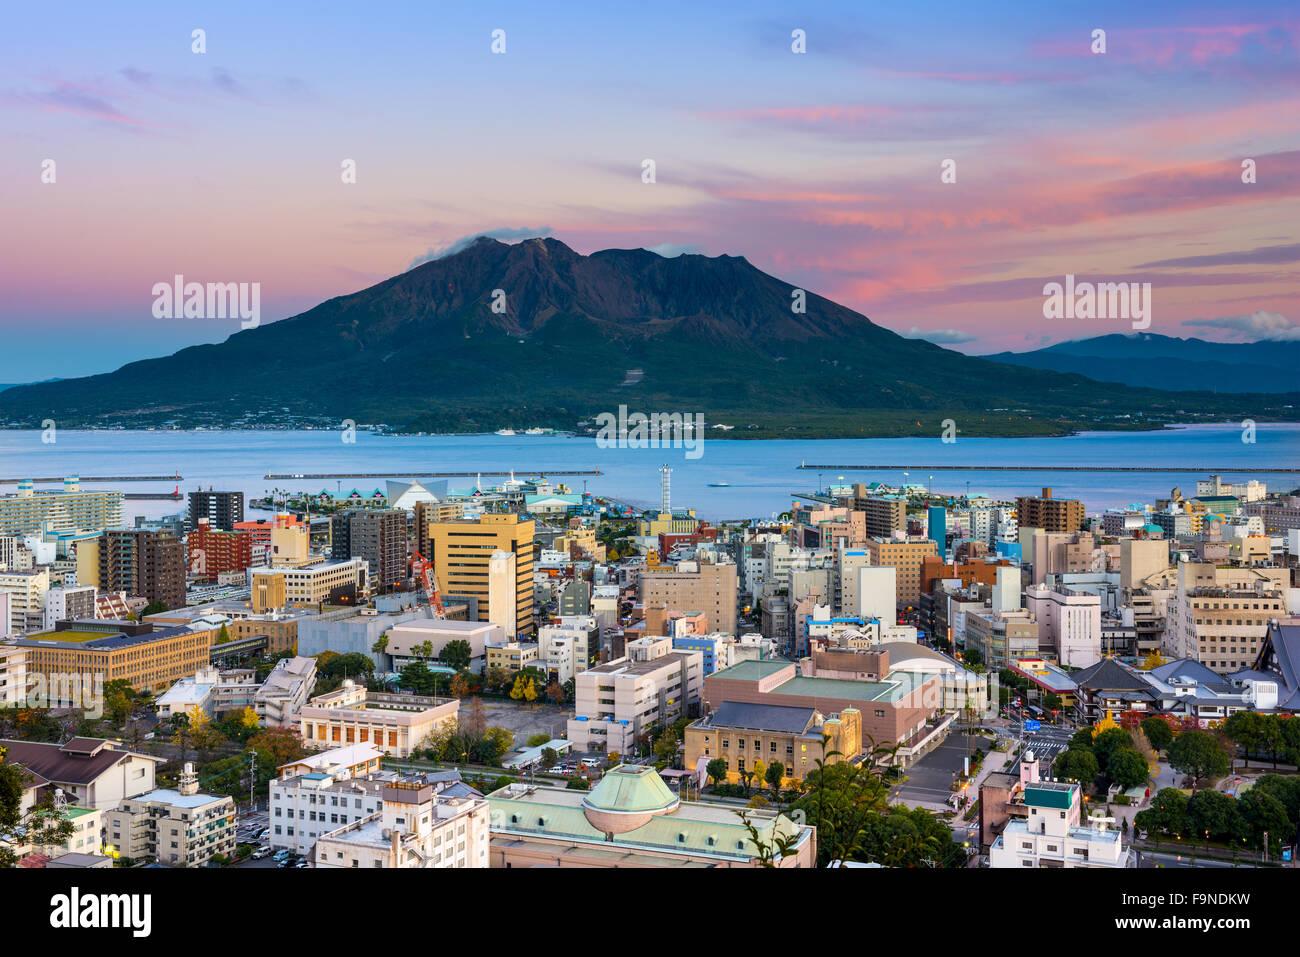 Kagoshima, Giappone skyline della città con il vulcano Sakurajima. Immagini Stock